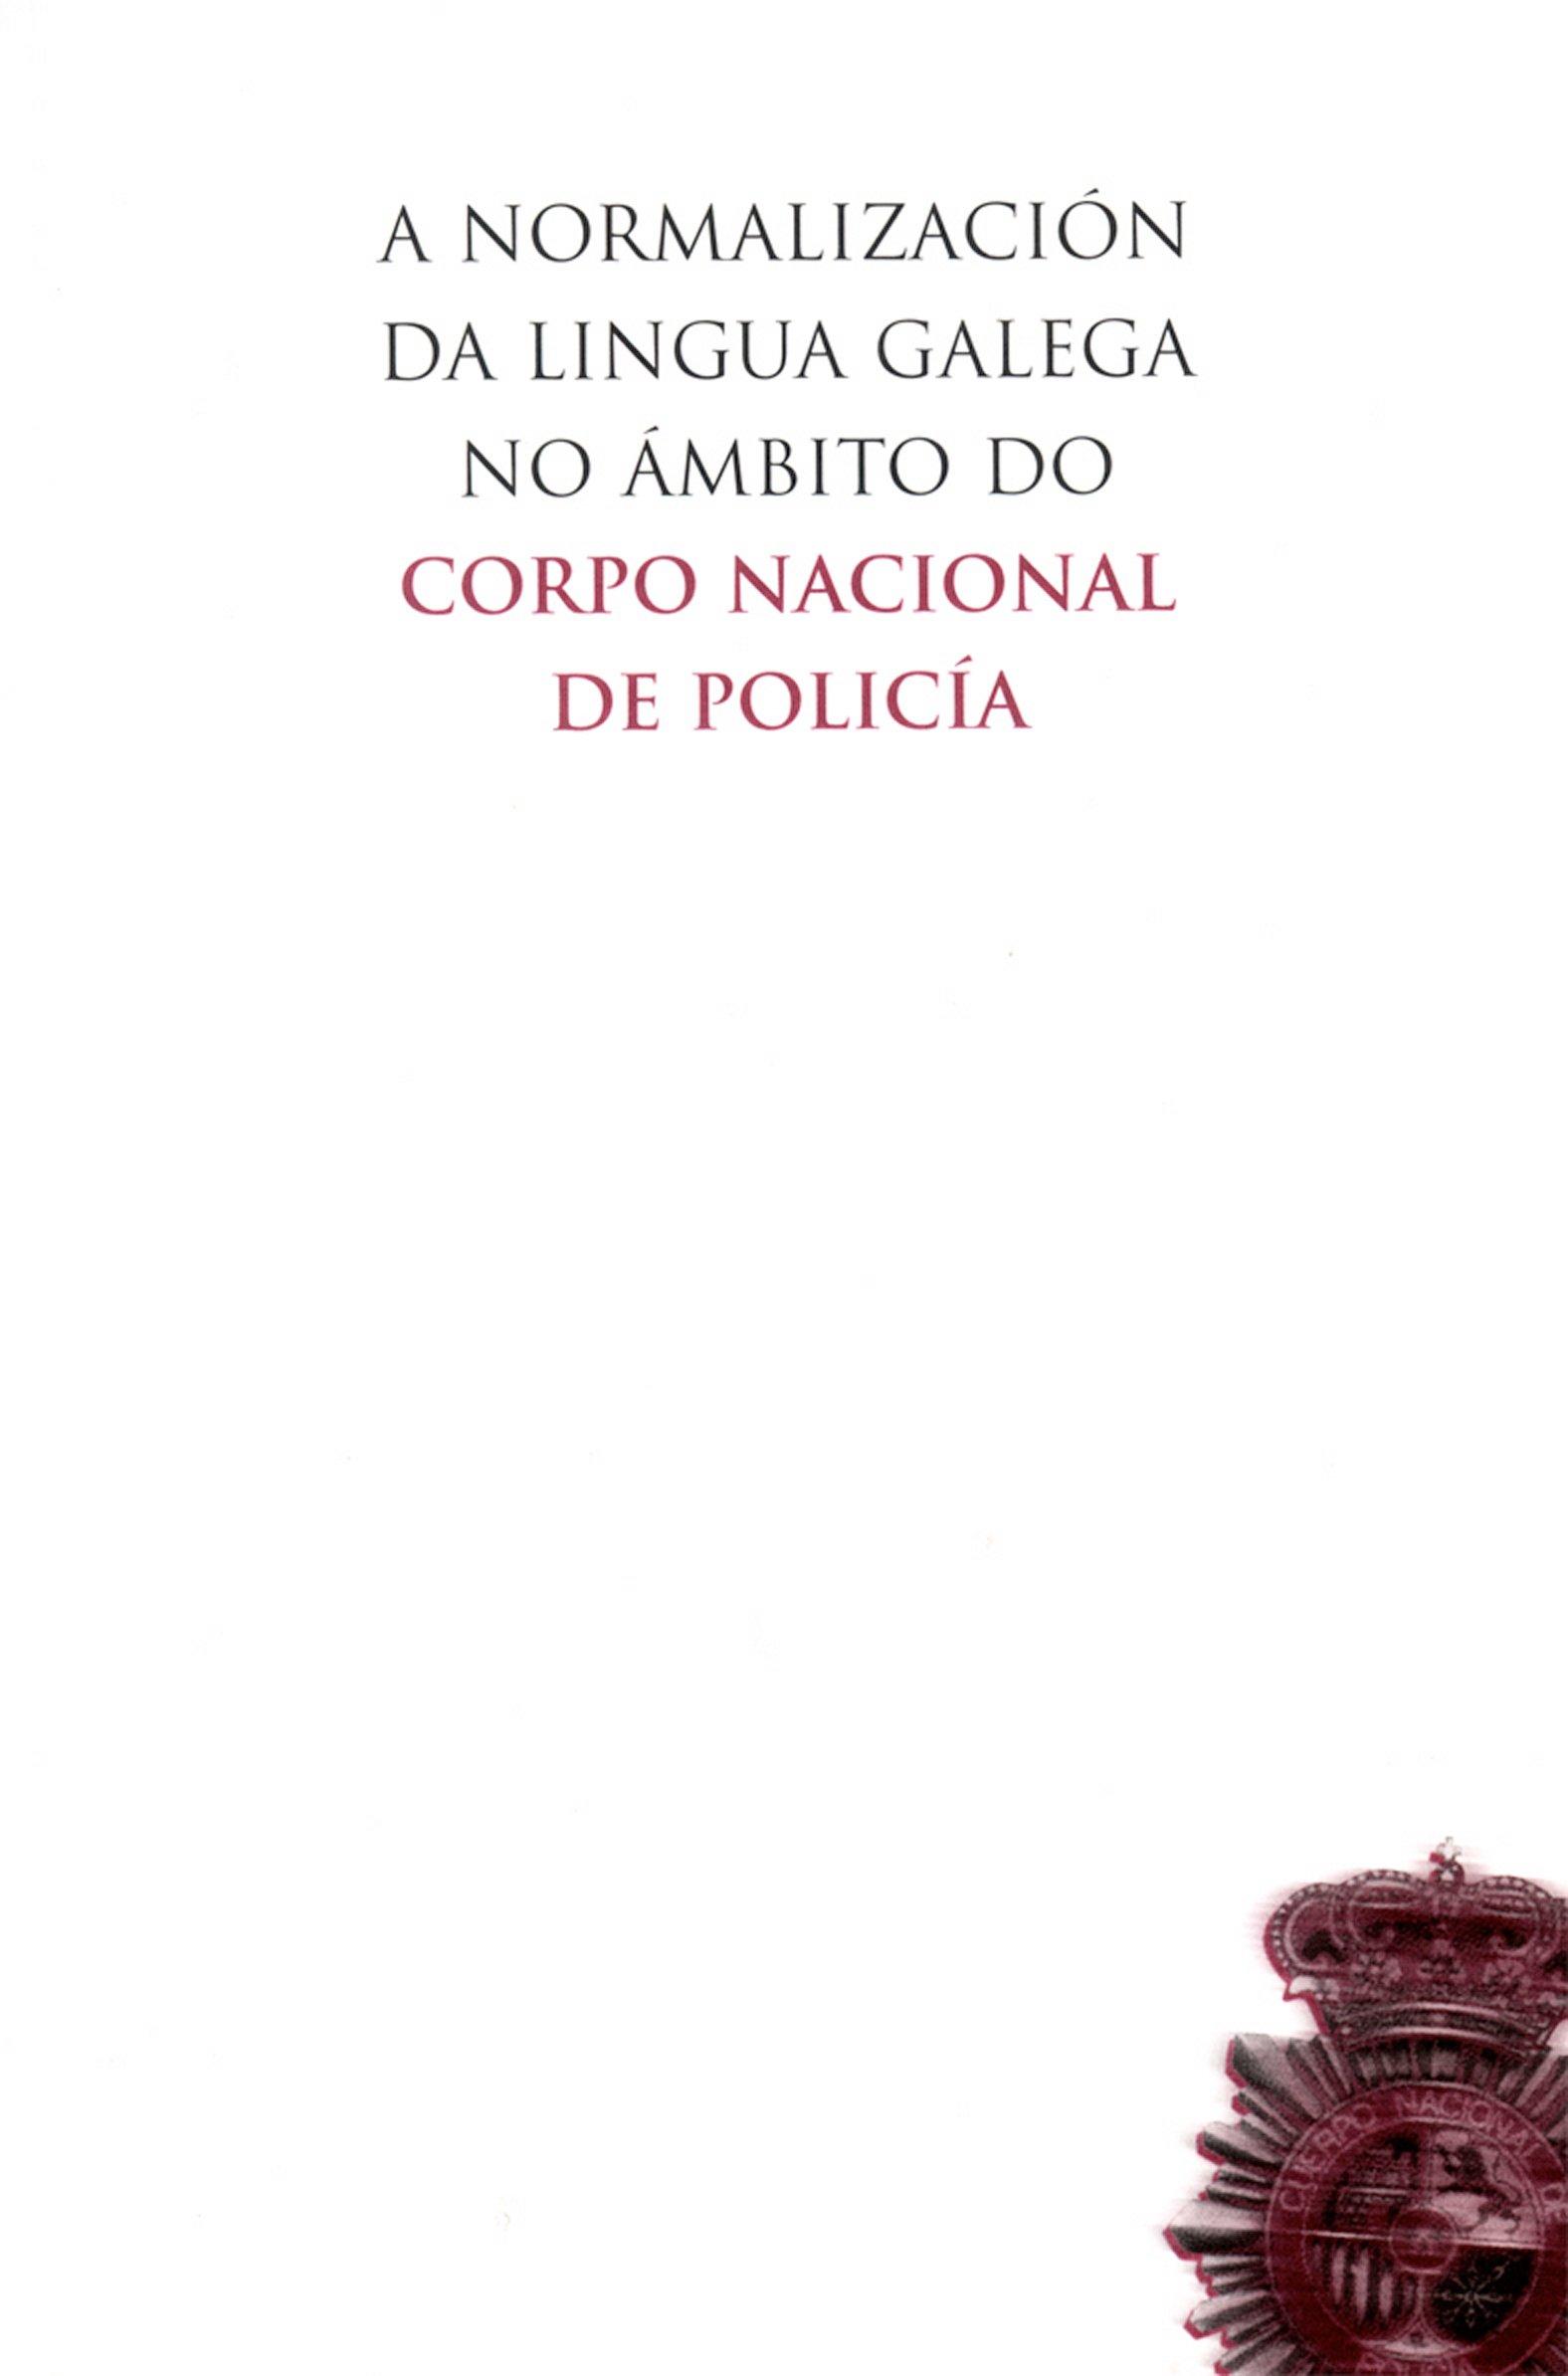 A normalización da lingua galega no ámbito do C.S.P.